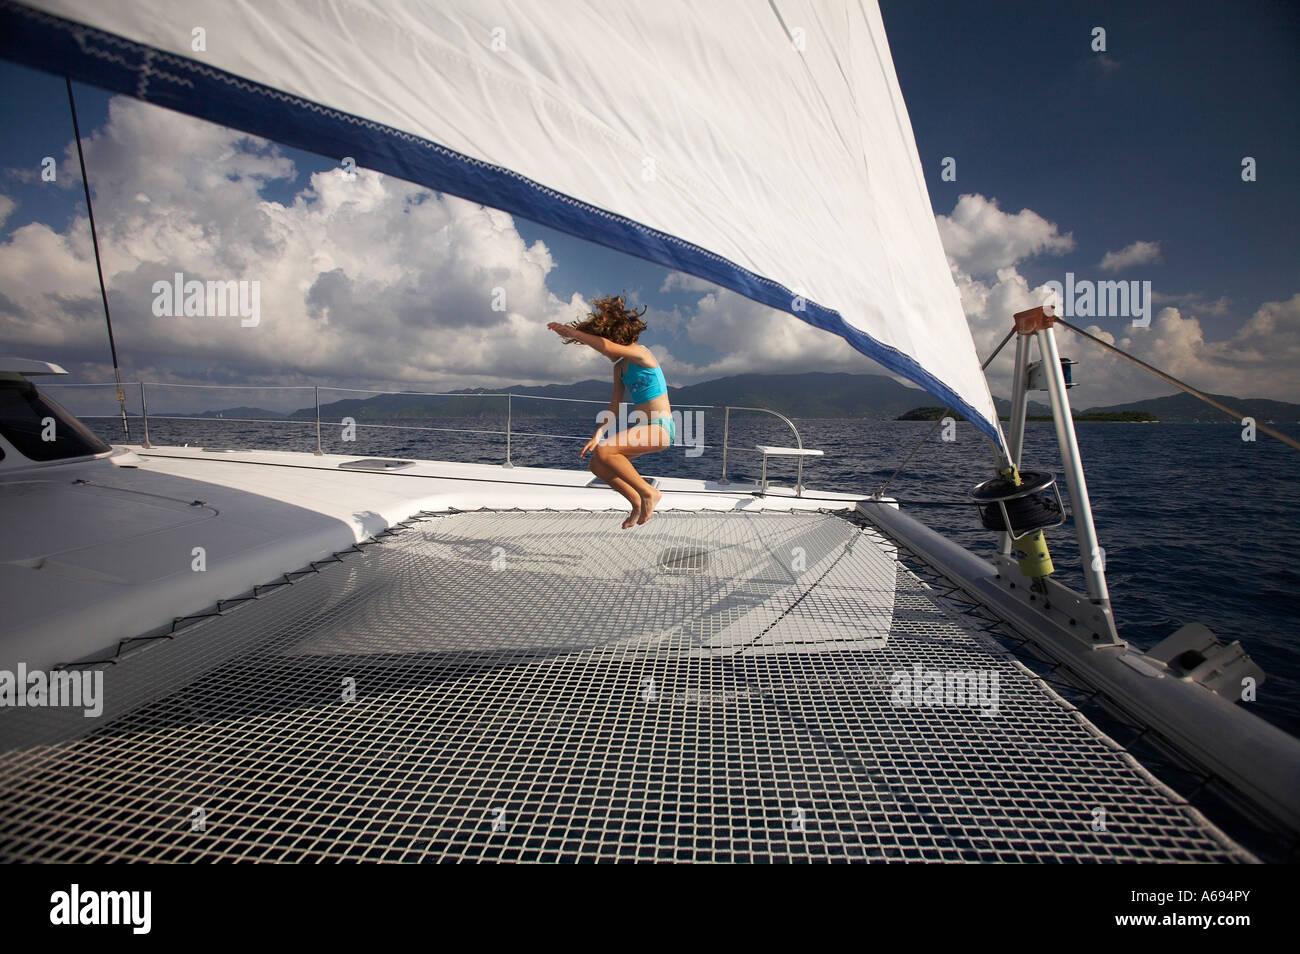 Catamarano a vela in Isole Vergini britanniche Foto Stock